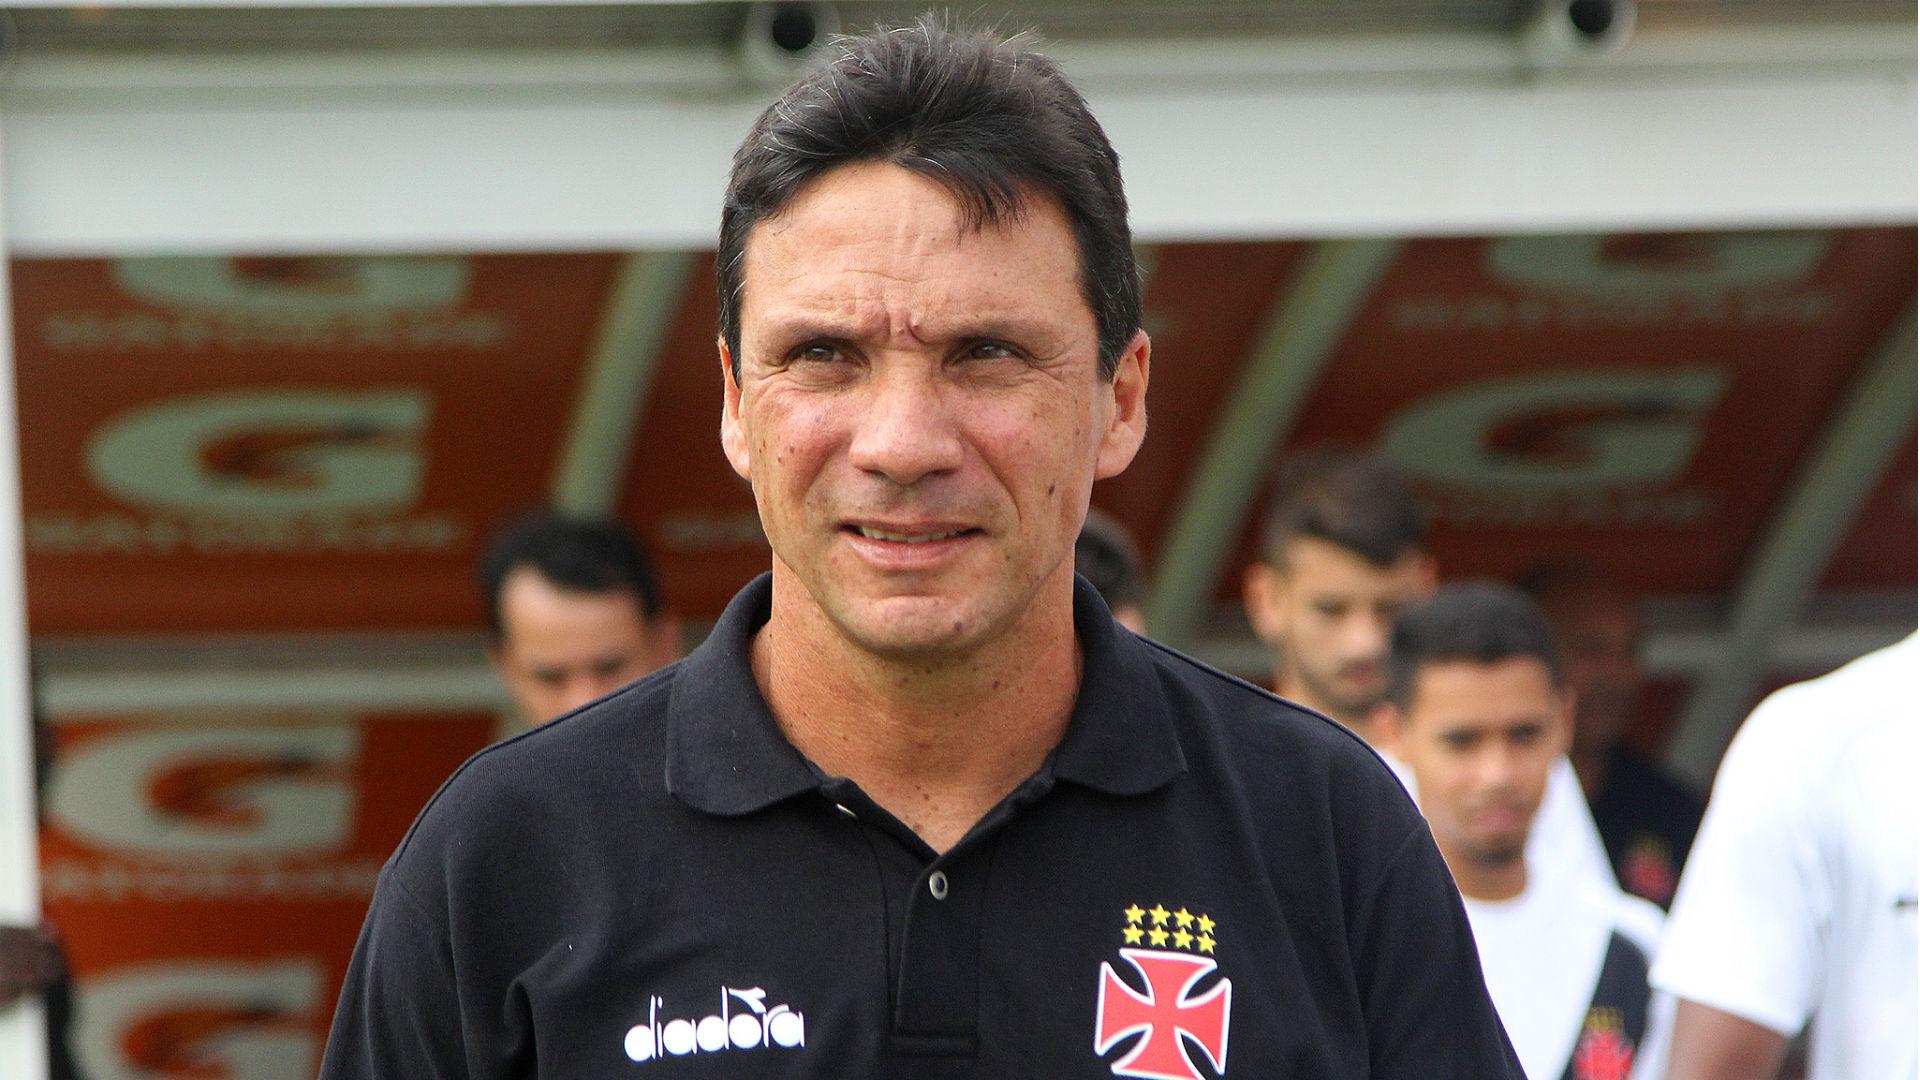 Zé Ricardo Vasco Nova Iguaçu carioca 21 01 2018